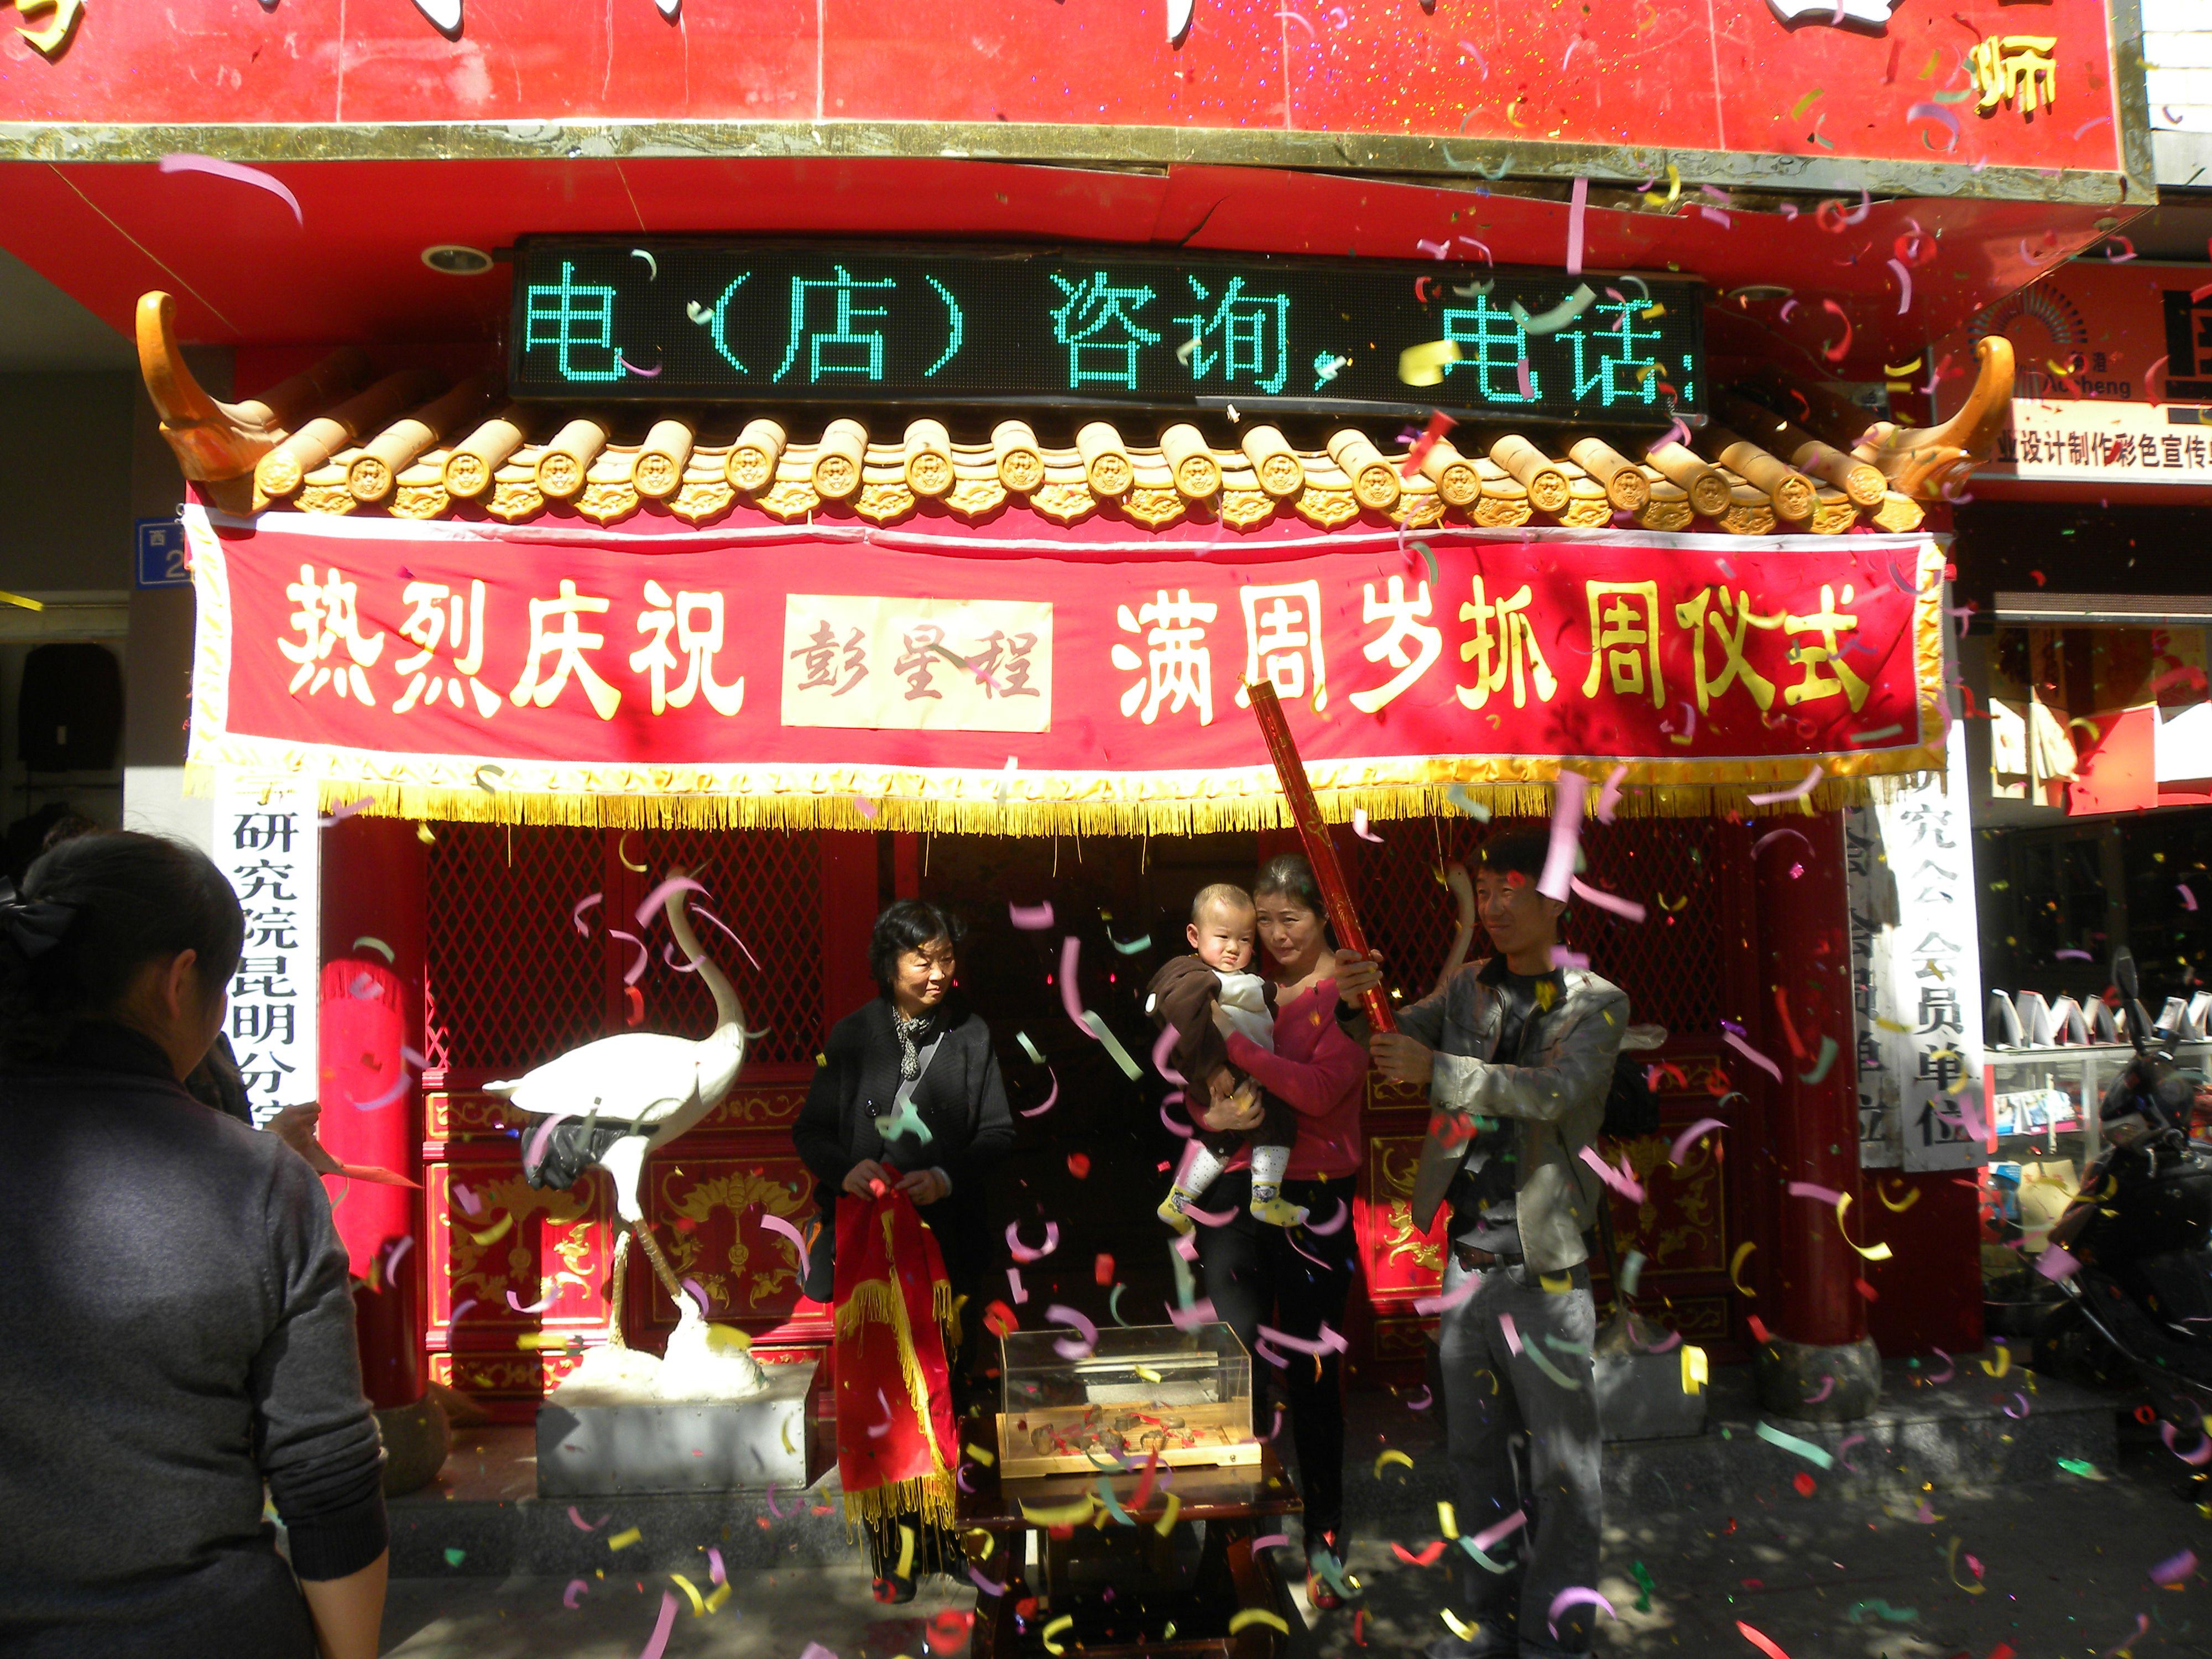 http://www.ynyihexuan.cn/160107140838345634560100.jpg